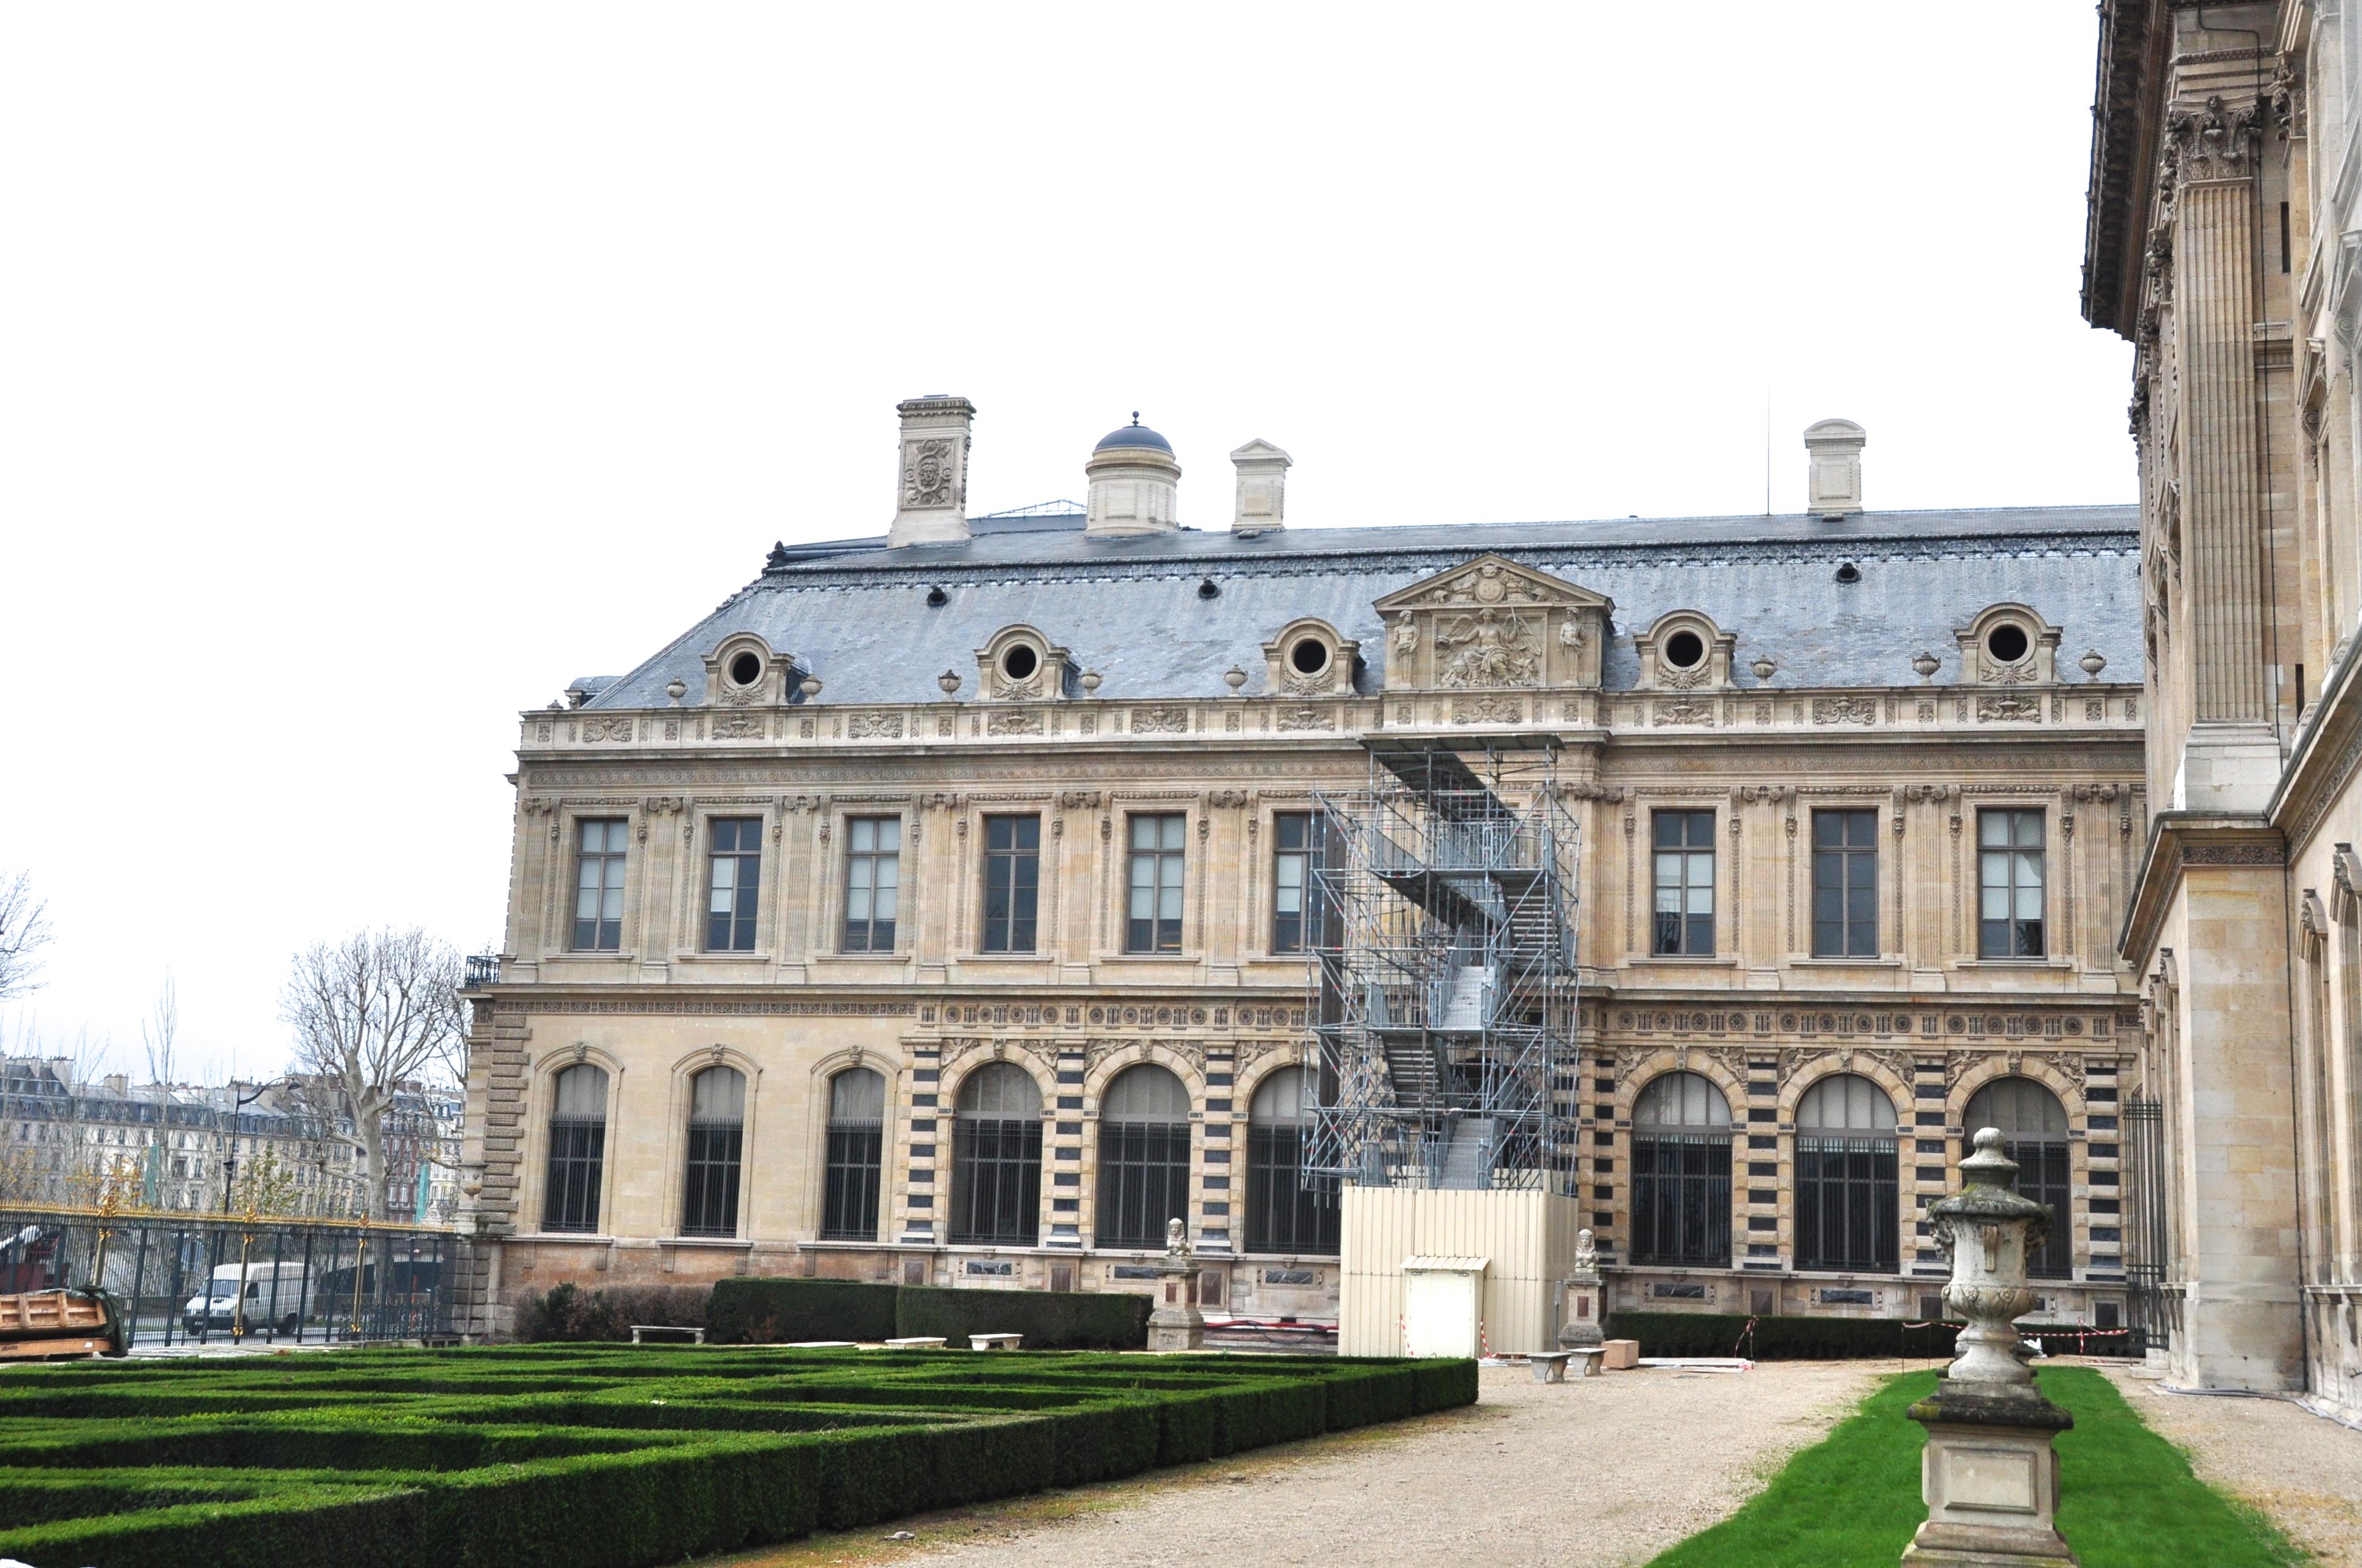 Le jardin de l'infante, Le Louvre, Paris